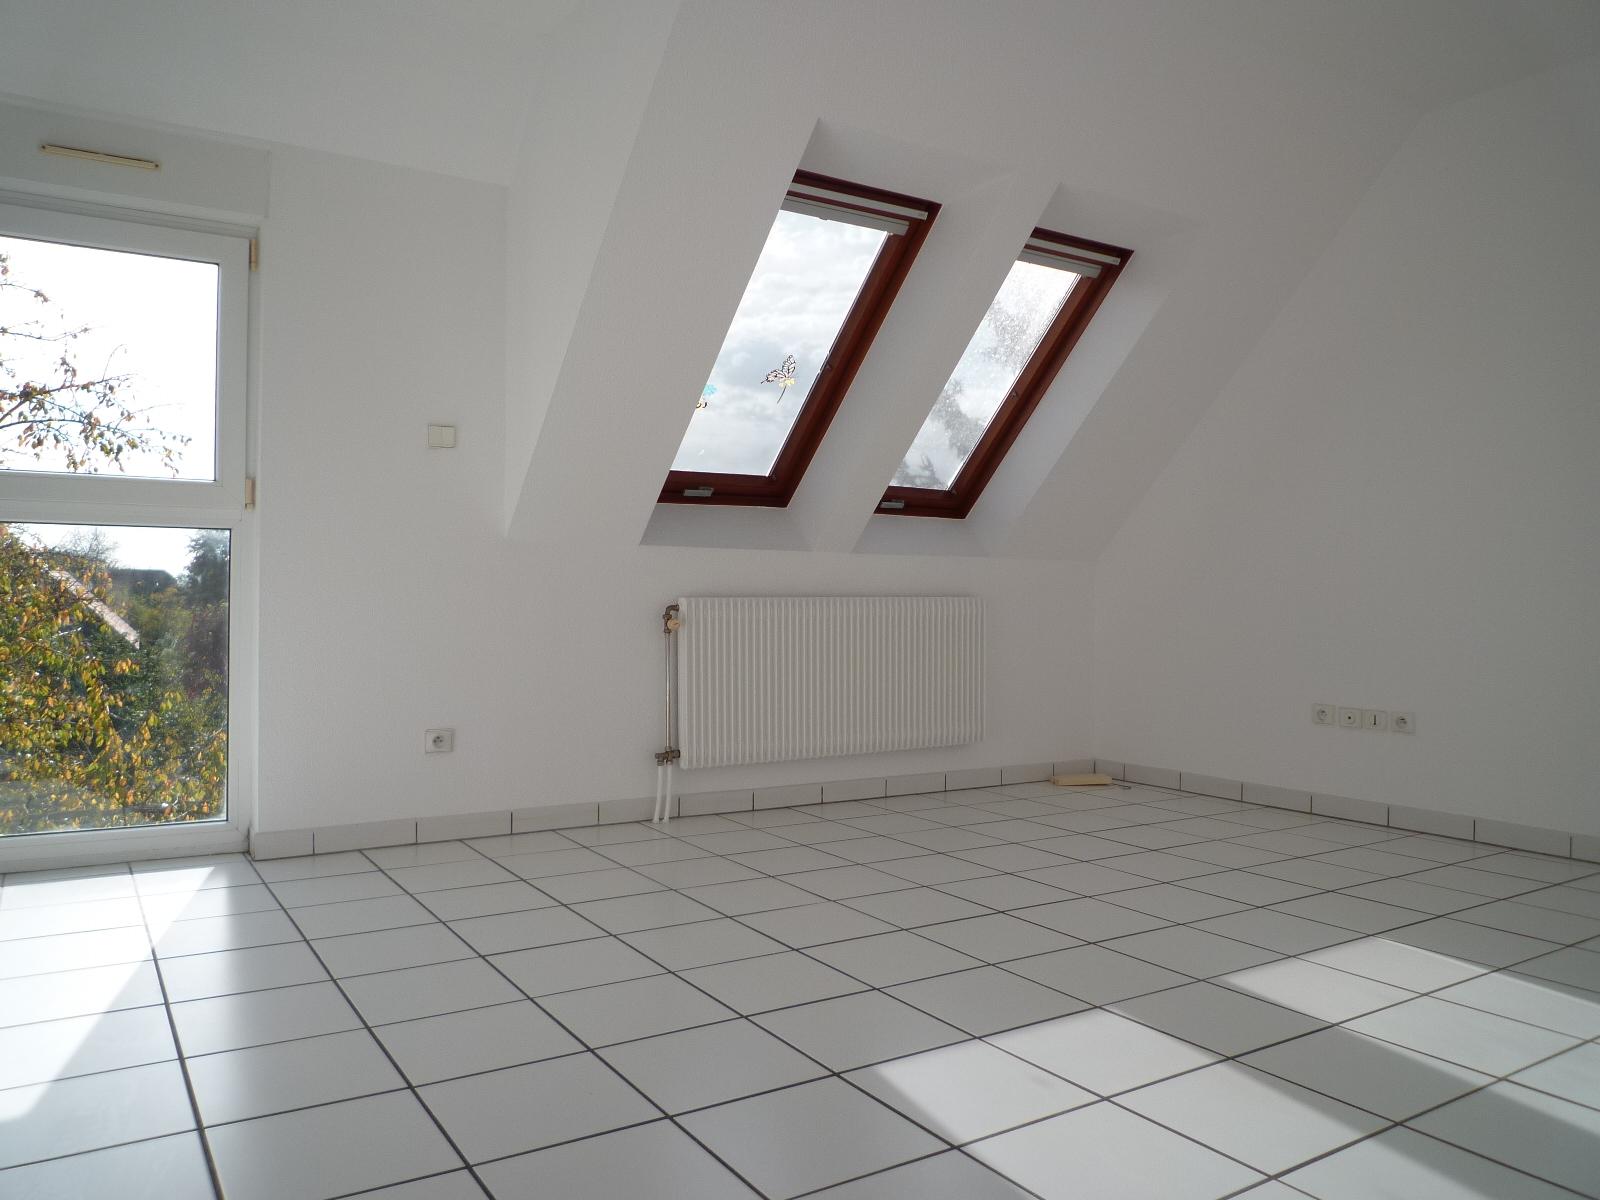 [Lila] Agréable 2 pièces avec balcon et garage - Fegersheim - nos locations - Beausite Immobilier 2